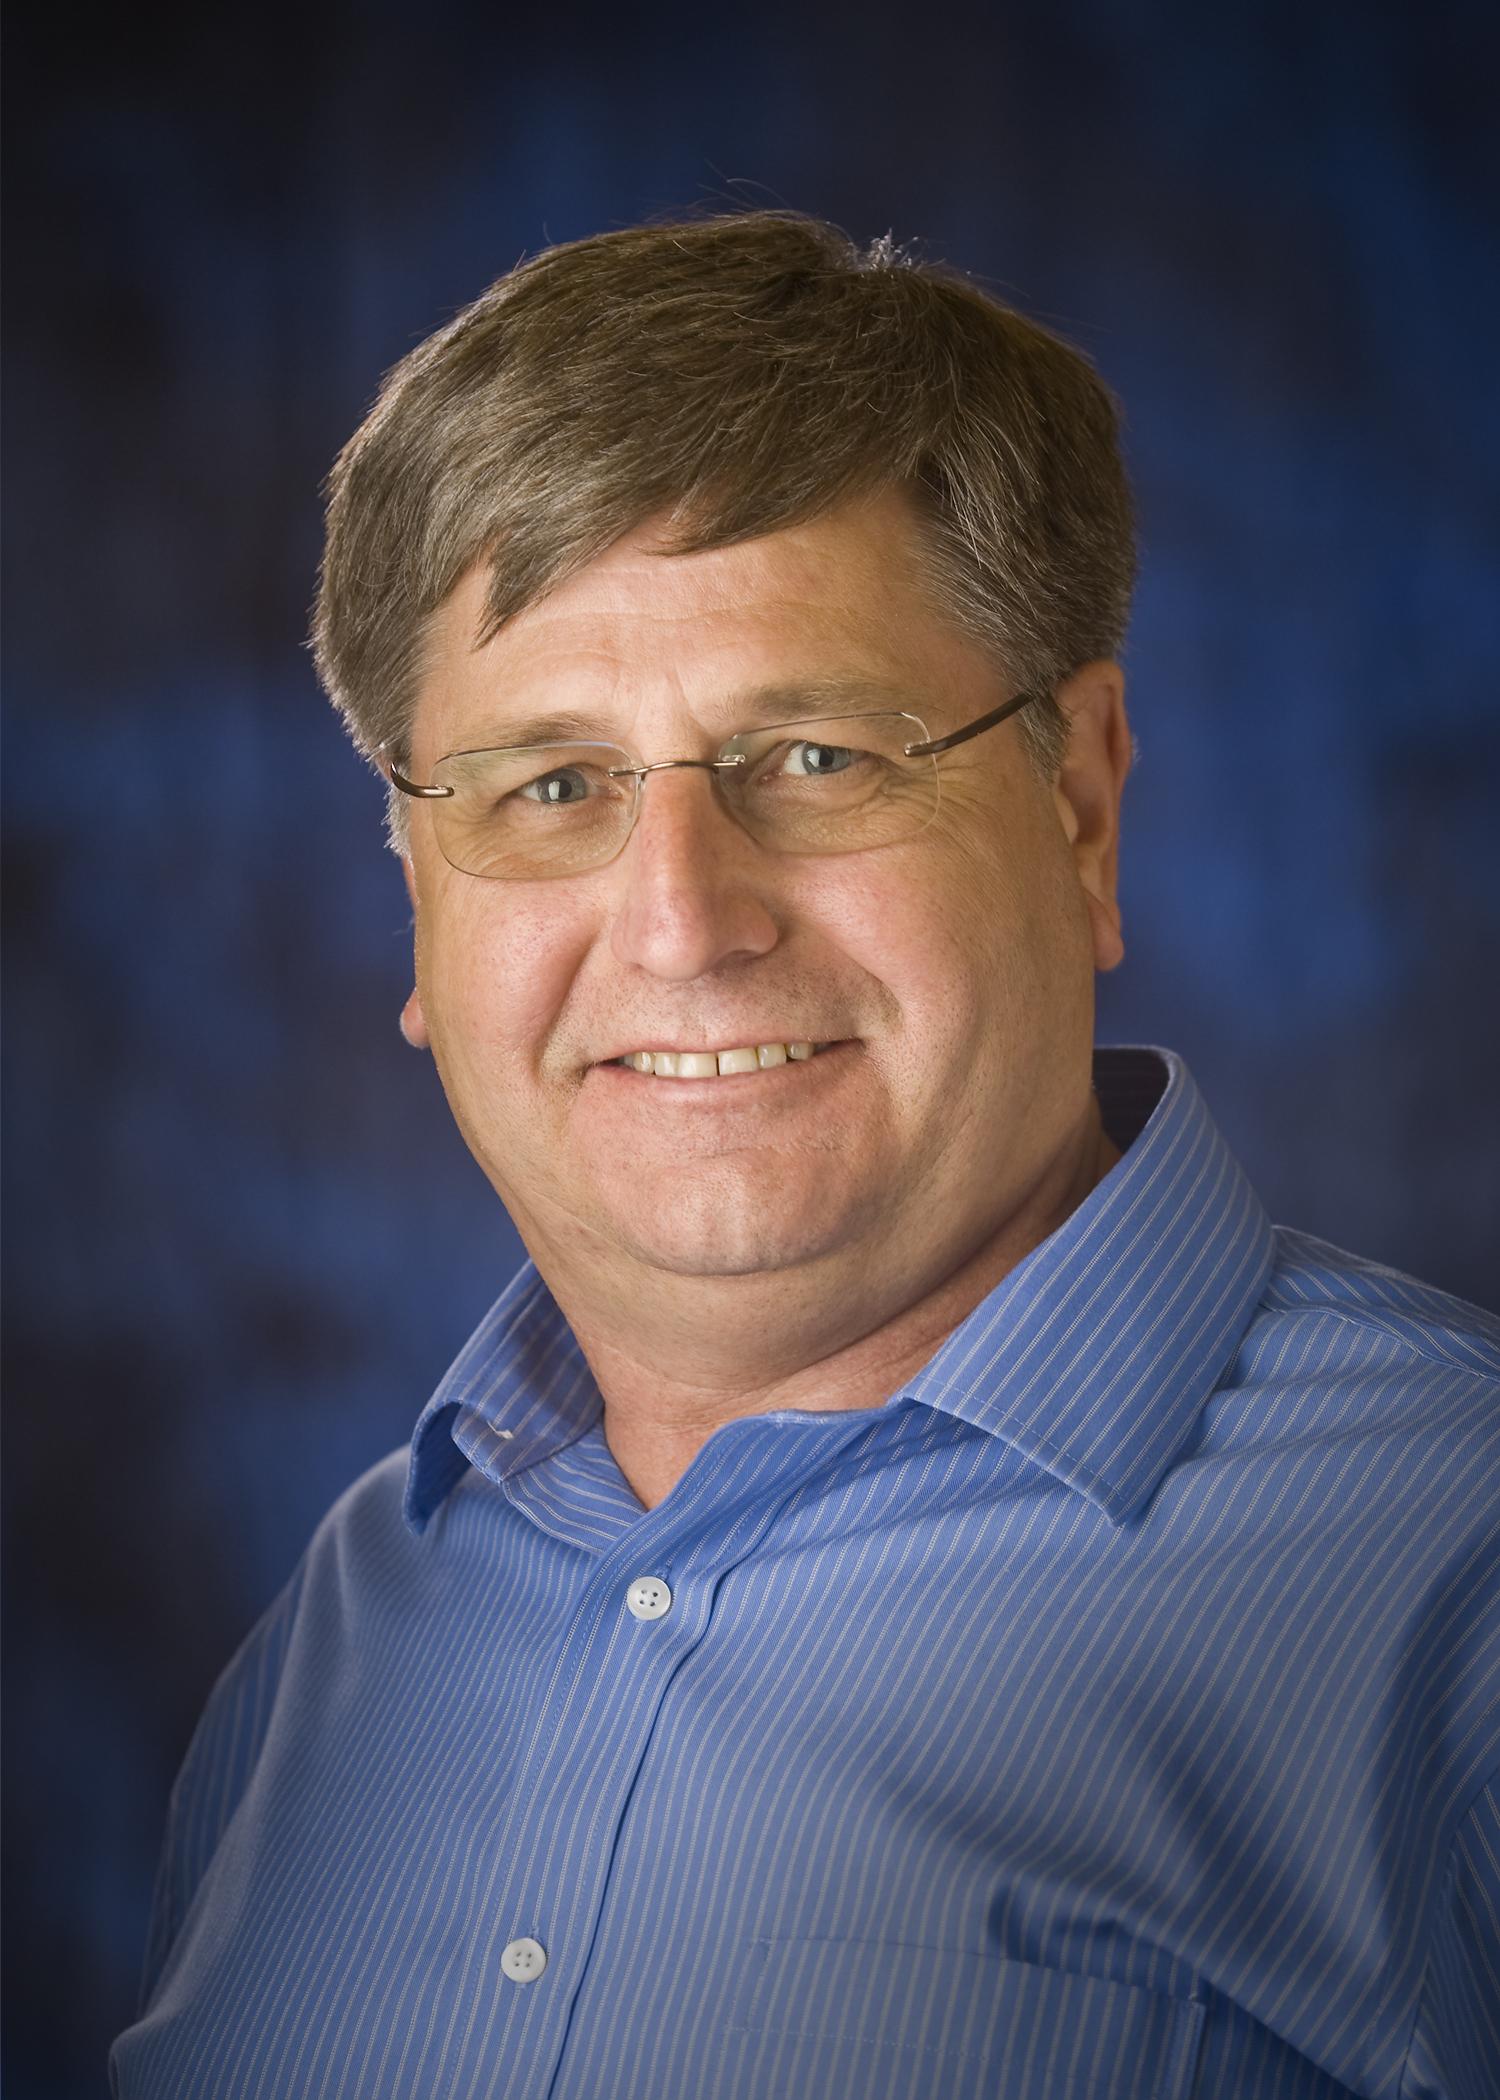 Jim Koeppl Headshot